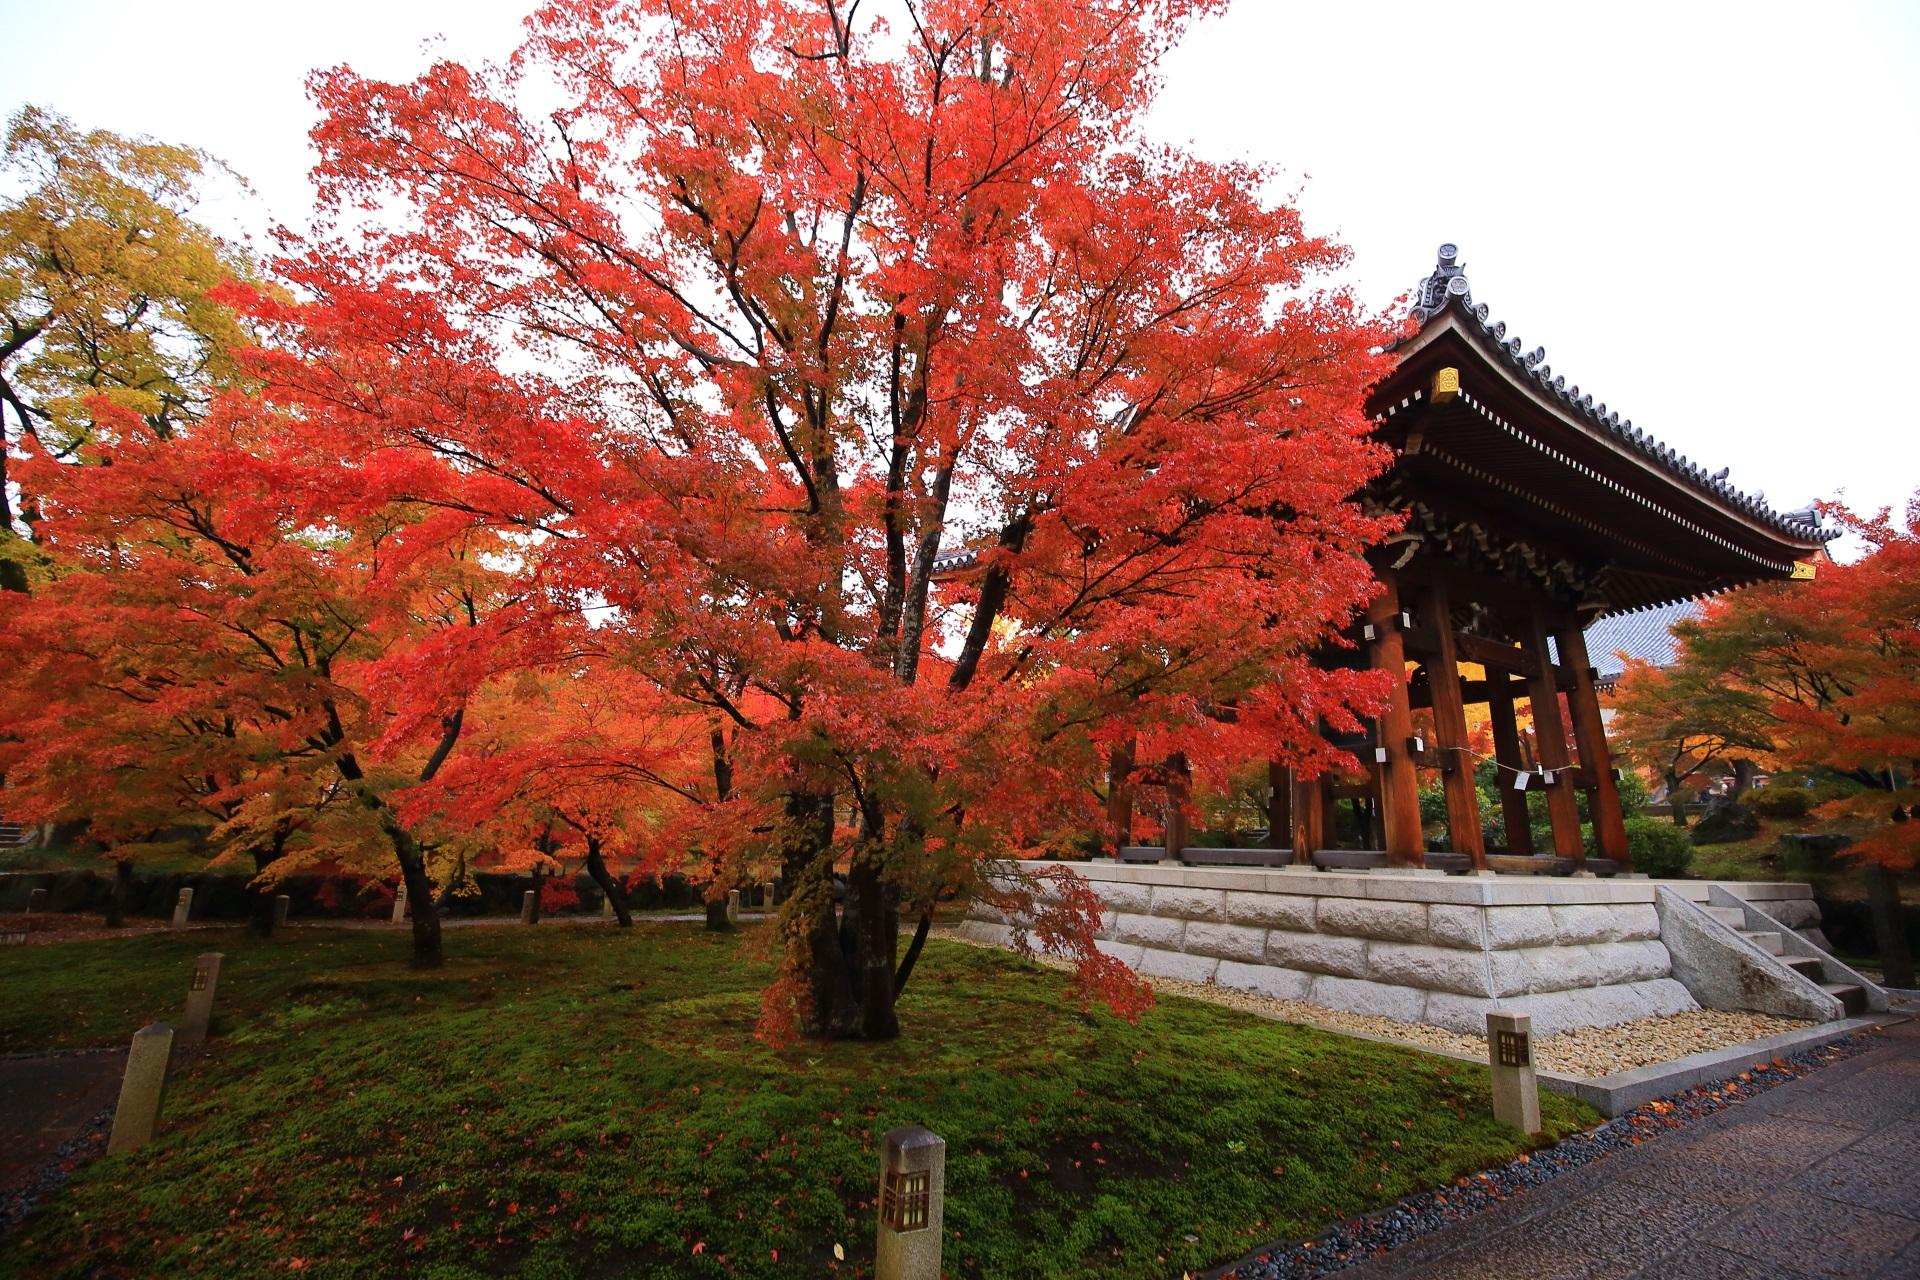 智積院の鐘楼と苔を染める絵になる紅葉